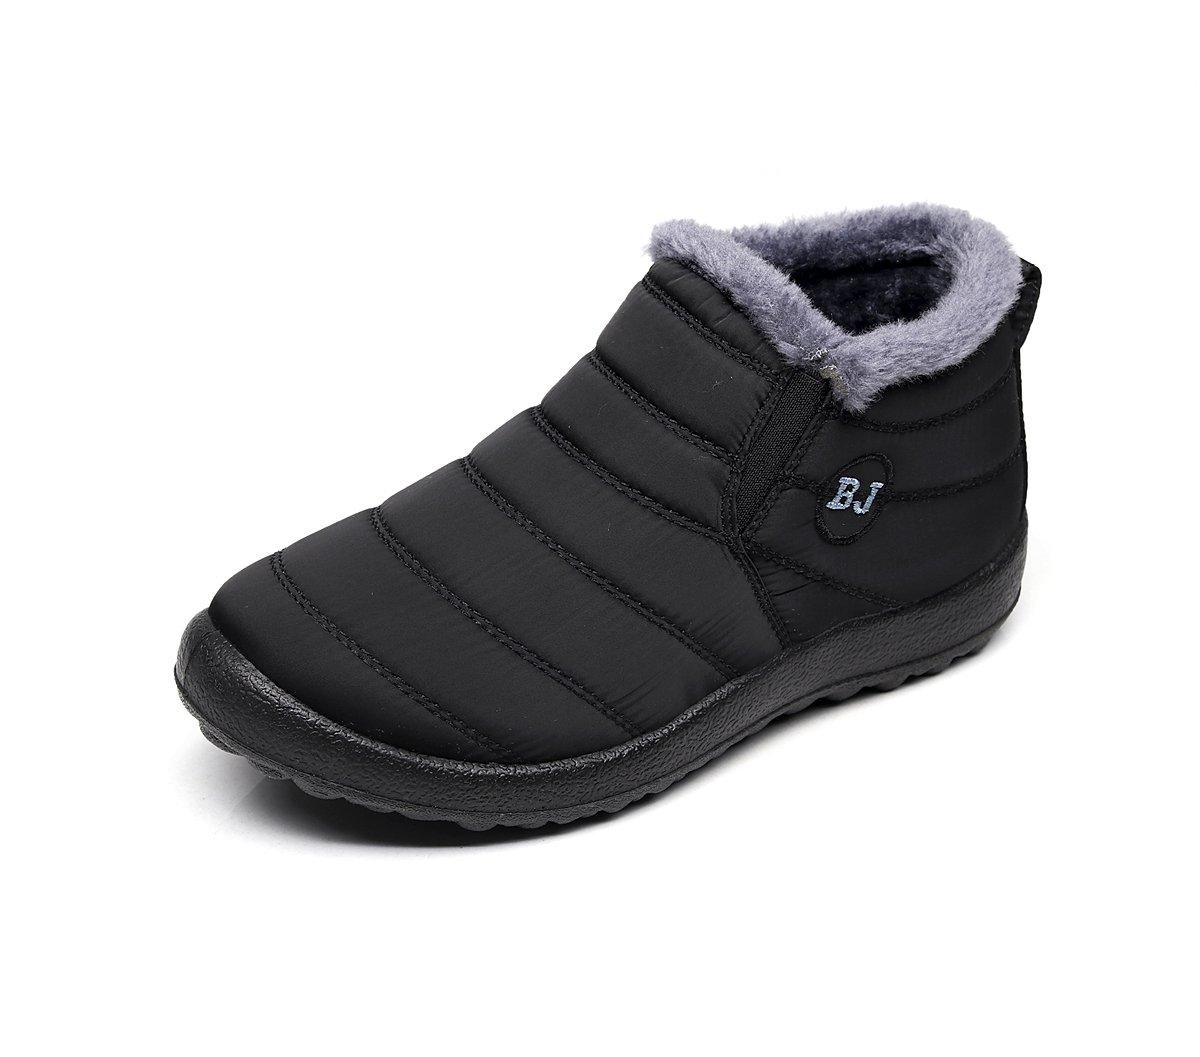 Chaussures pour Bottes de Neige avec 19020 B01M3MWNTP Chaud Doublure Cheville Hiver Boots Imperméable avec Epais Fourrure Bottine pour Hommes Femme Noir 2 3f9179d - conorscully.space